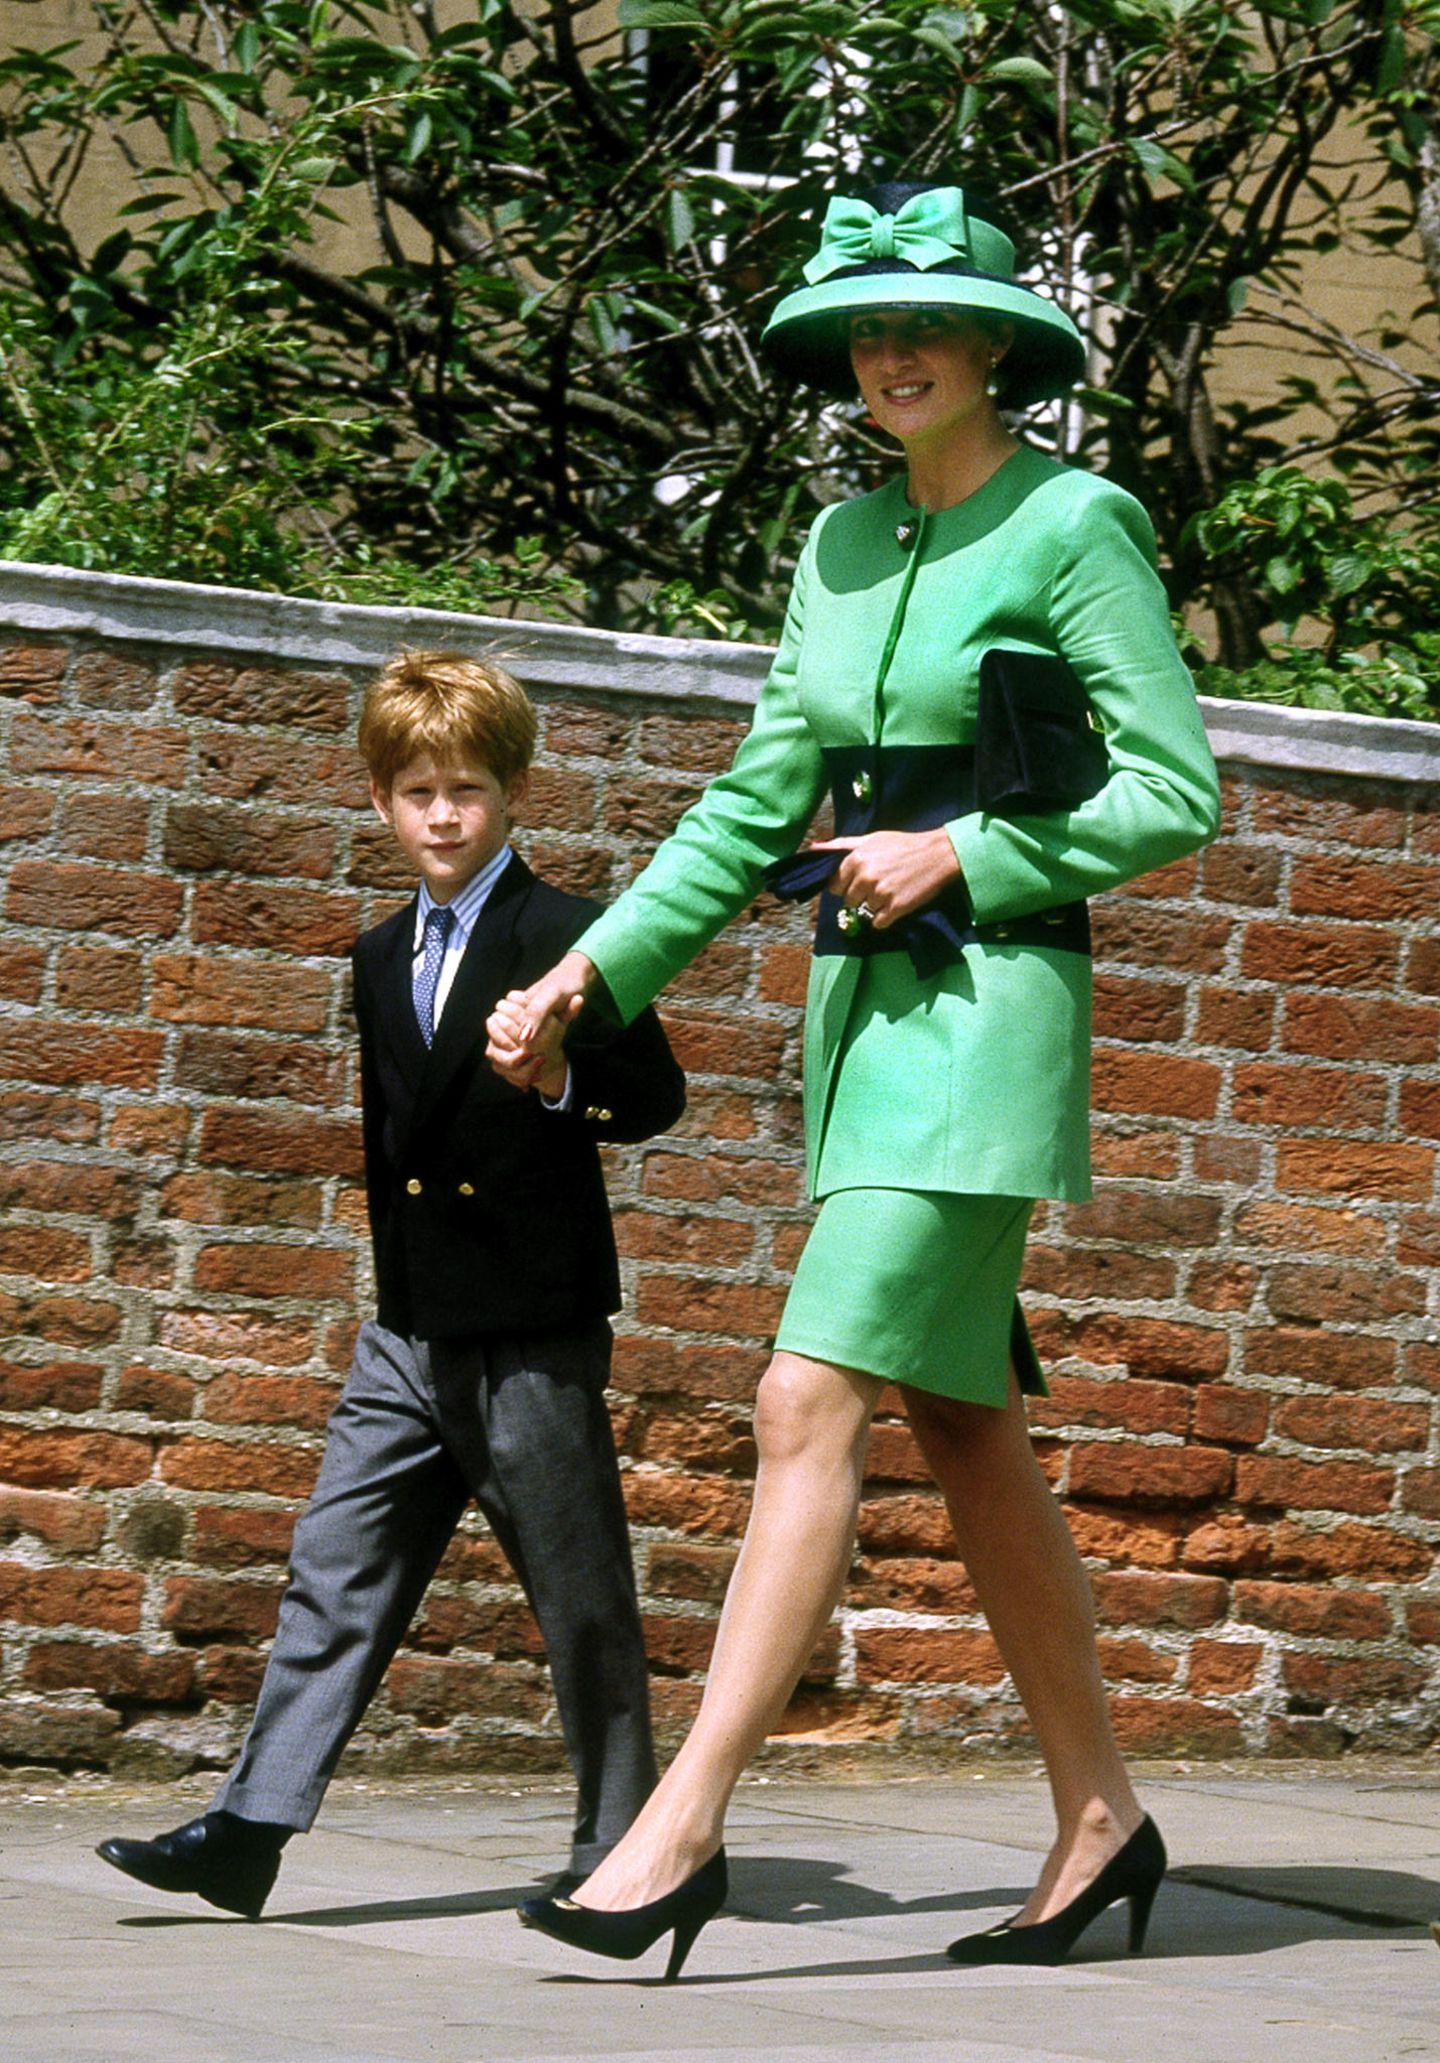 Wunderbar britisch kleidet sich Prinzessin Diana für die Hochzeit einer Freundin. Im pistaziengrünen Ensemble mit passendem Hut ist sie ein farbenfroher Eyecatcher.